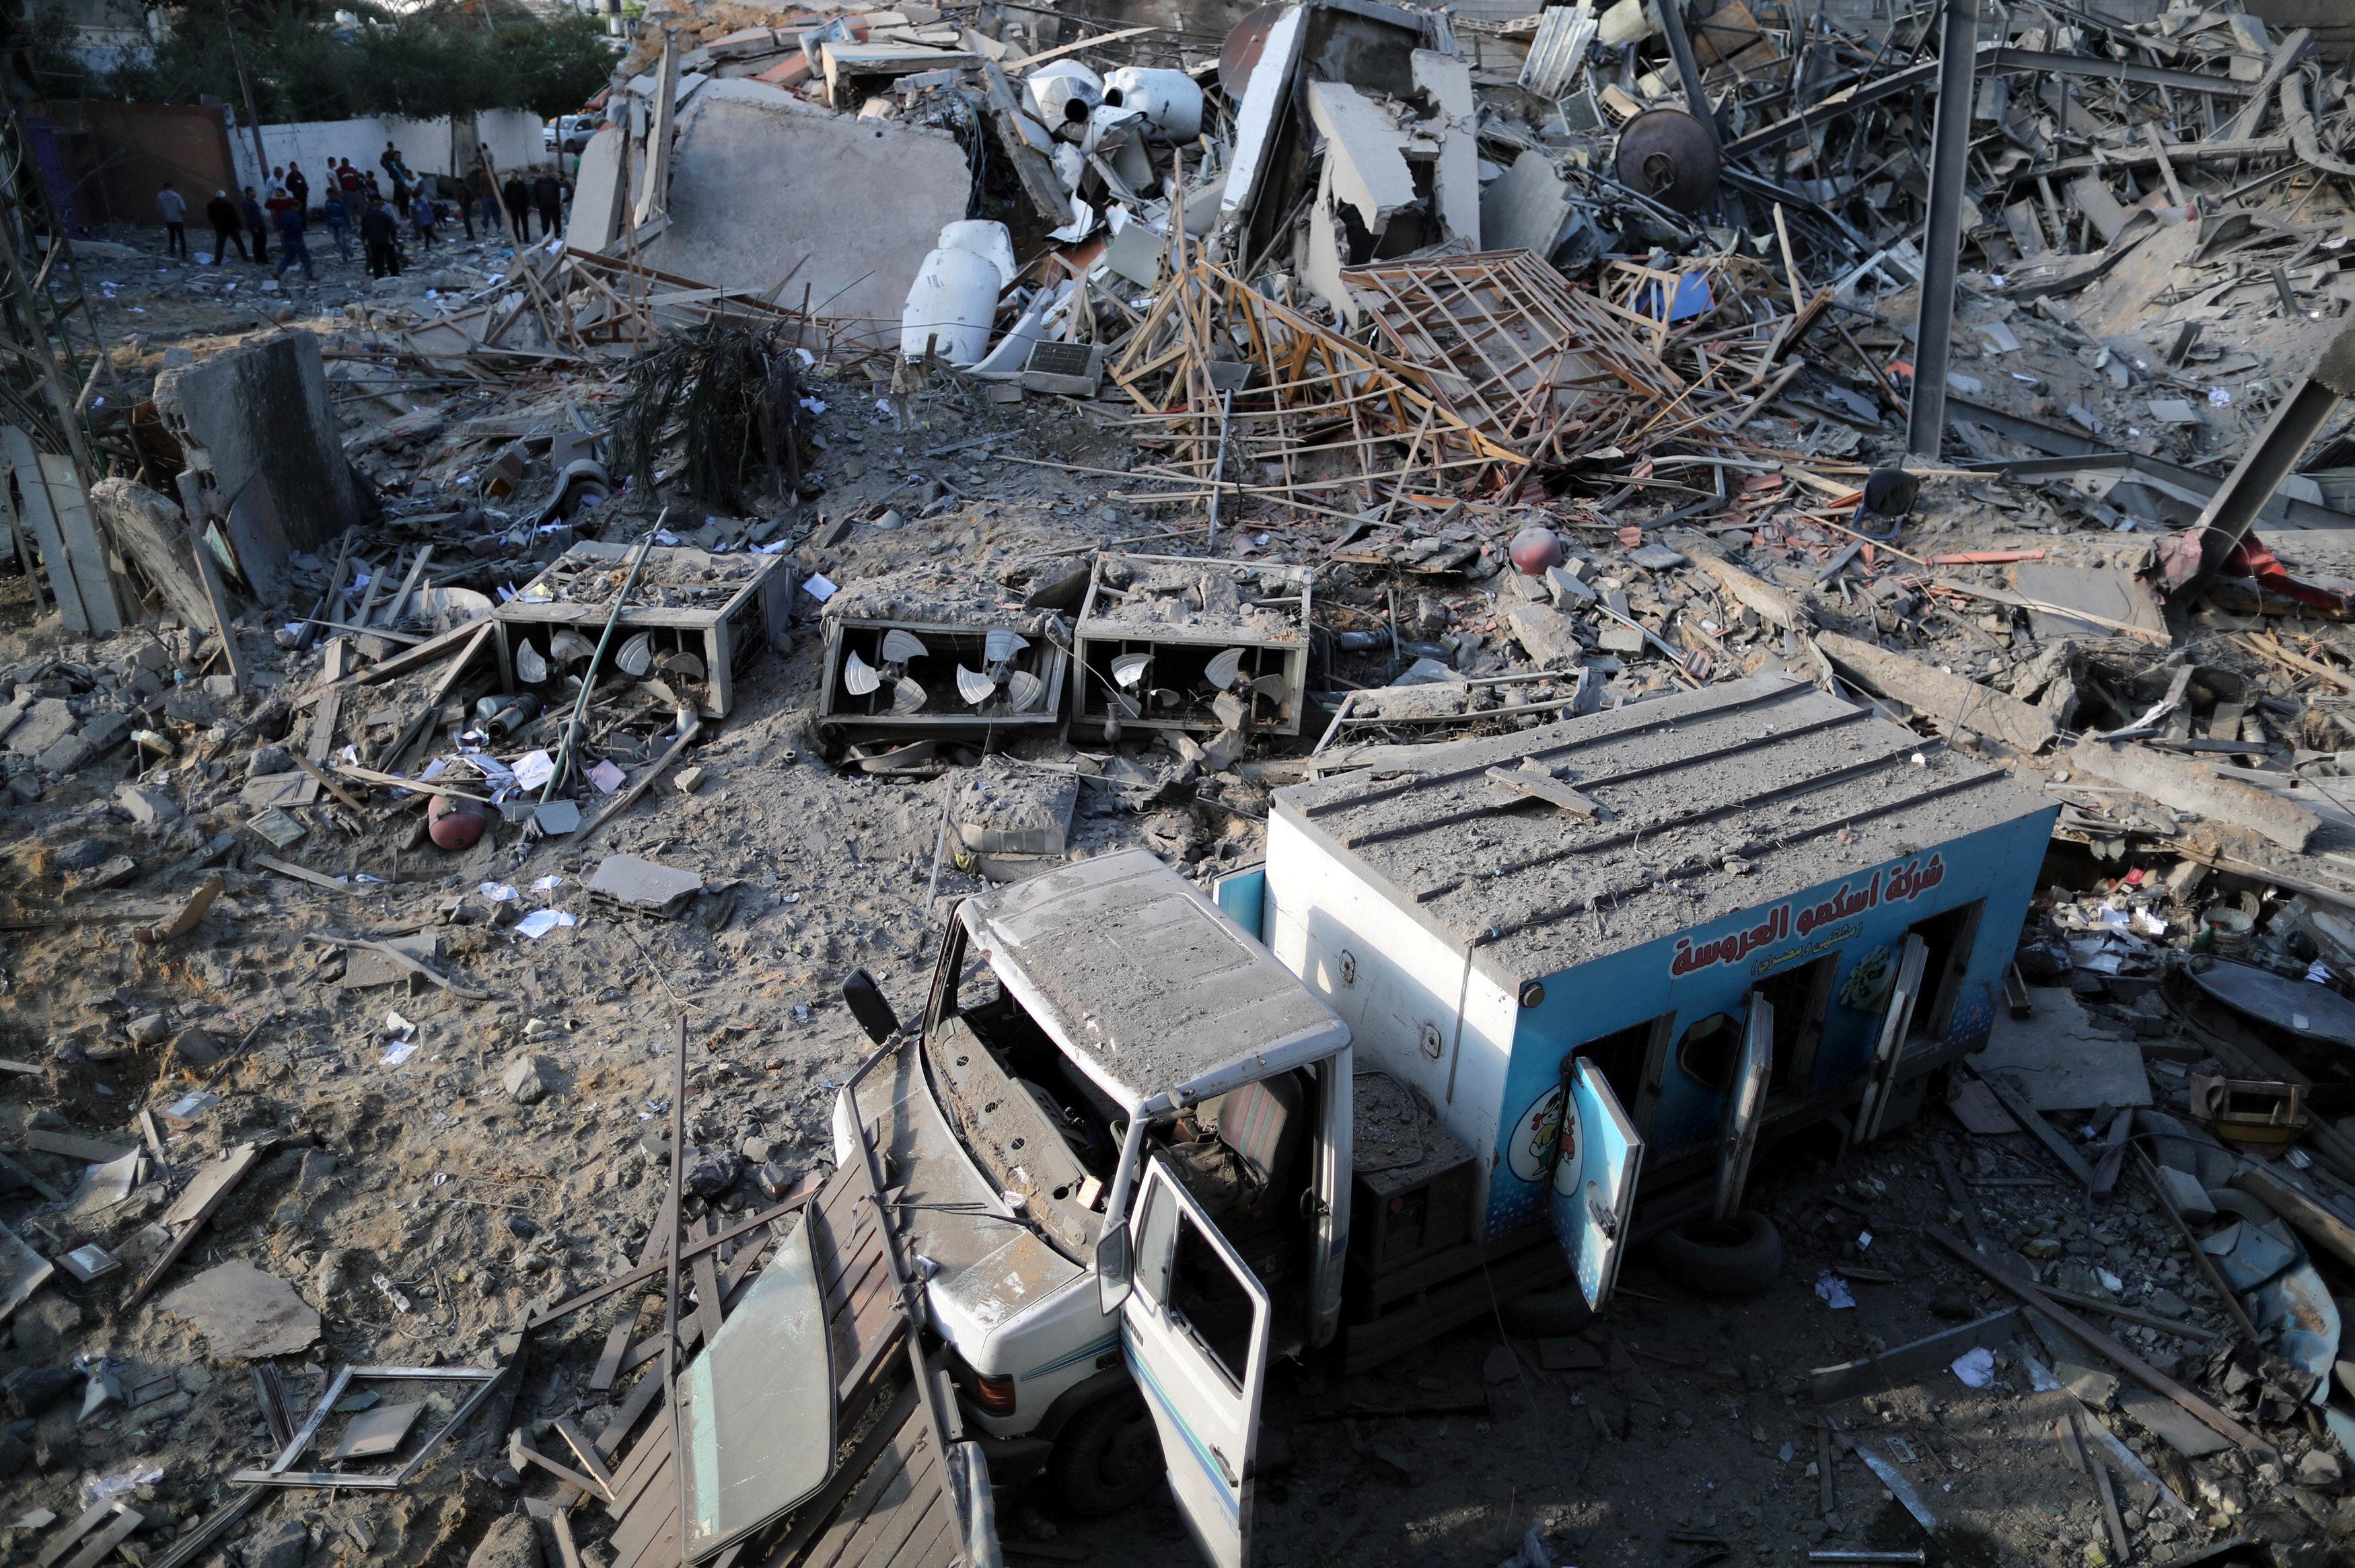 İsrail'in hava saldırıları sonucunda, hedef alınan el-Aksa kanalı genel merkezinin tamamen yıkılmasının yanısıra, çevredeki binalarda oldukça zarar gördü.